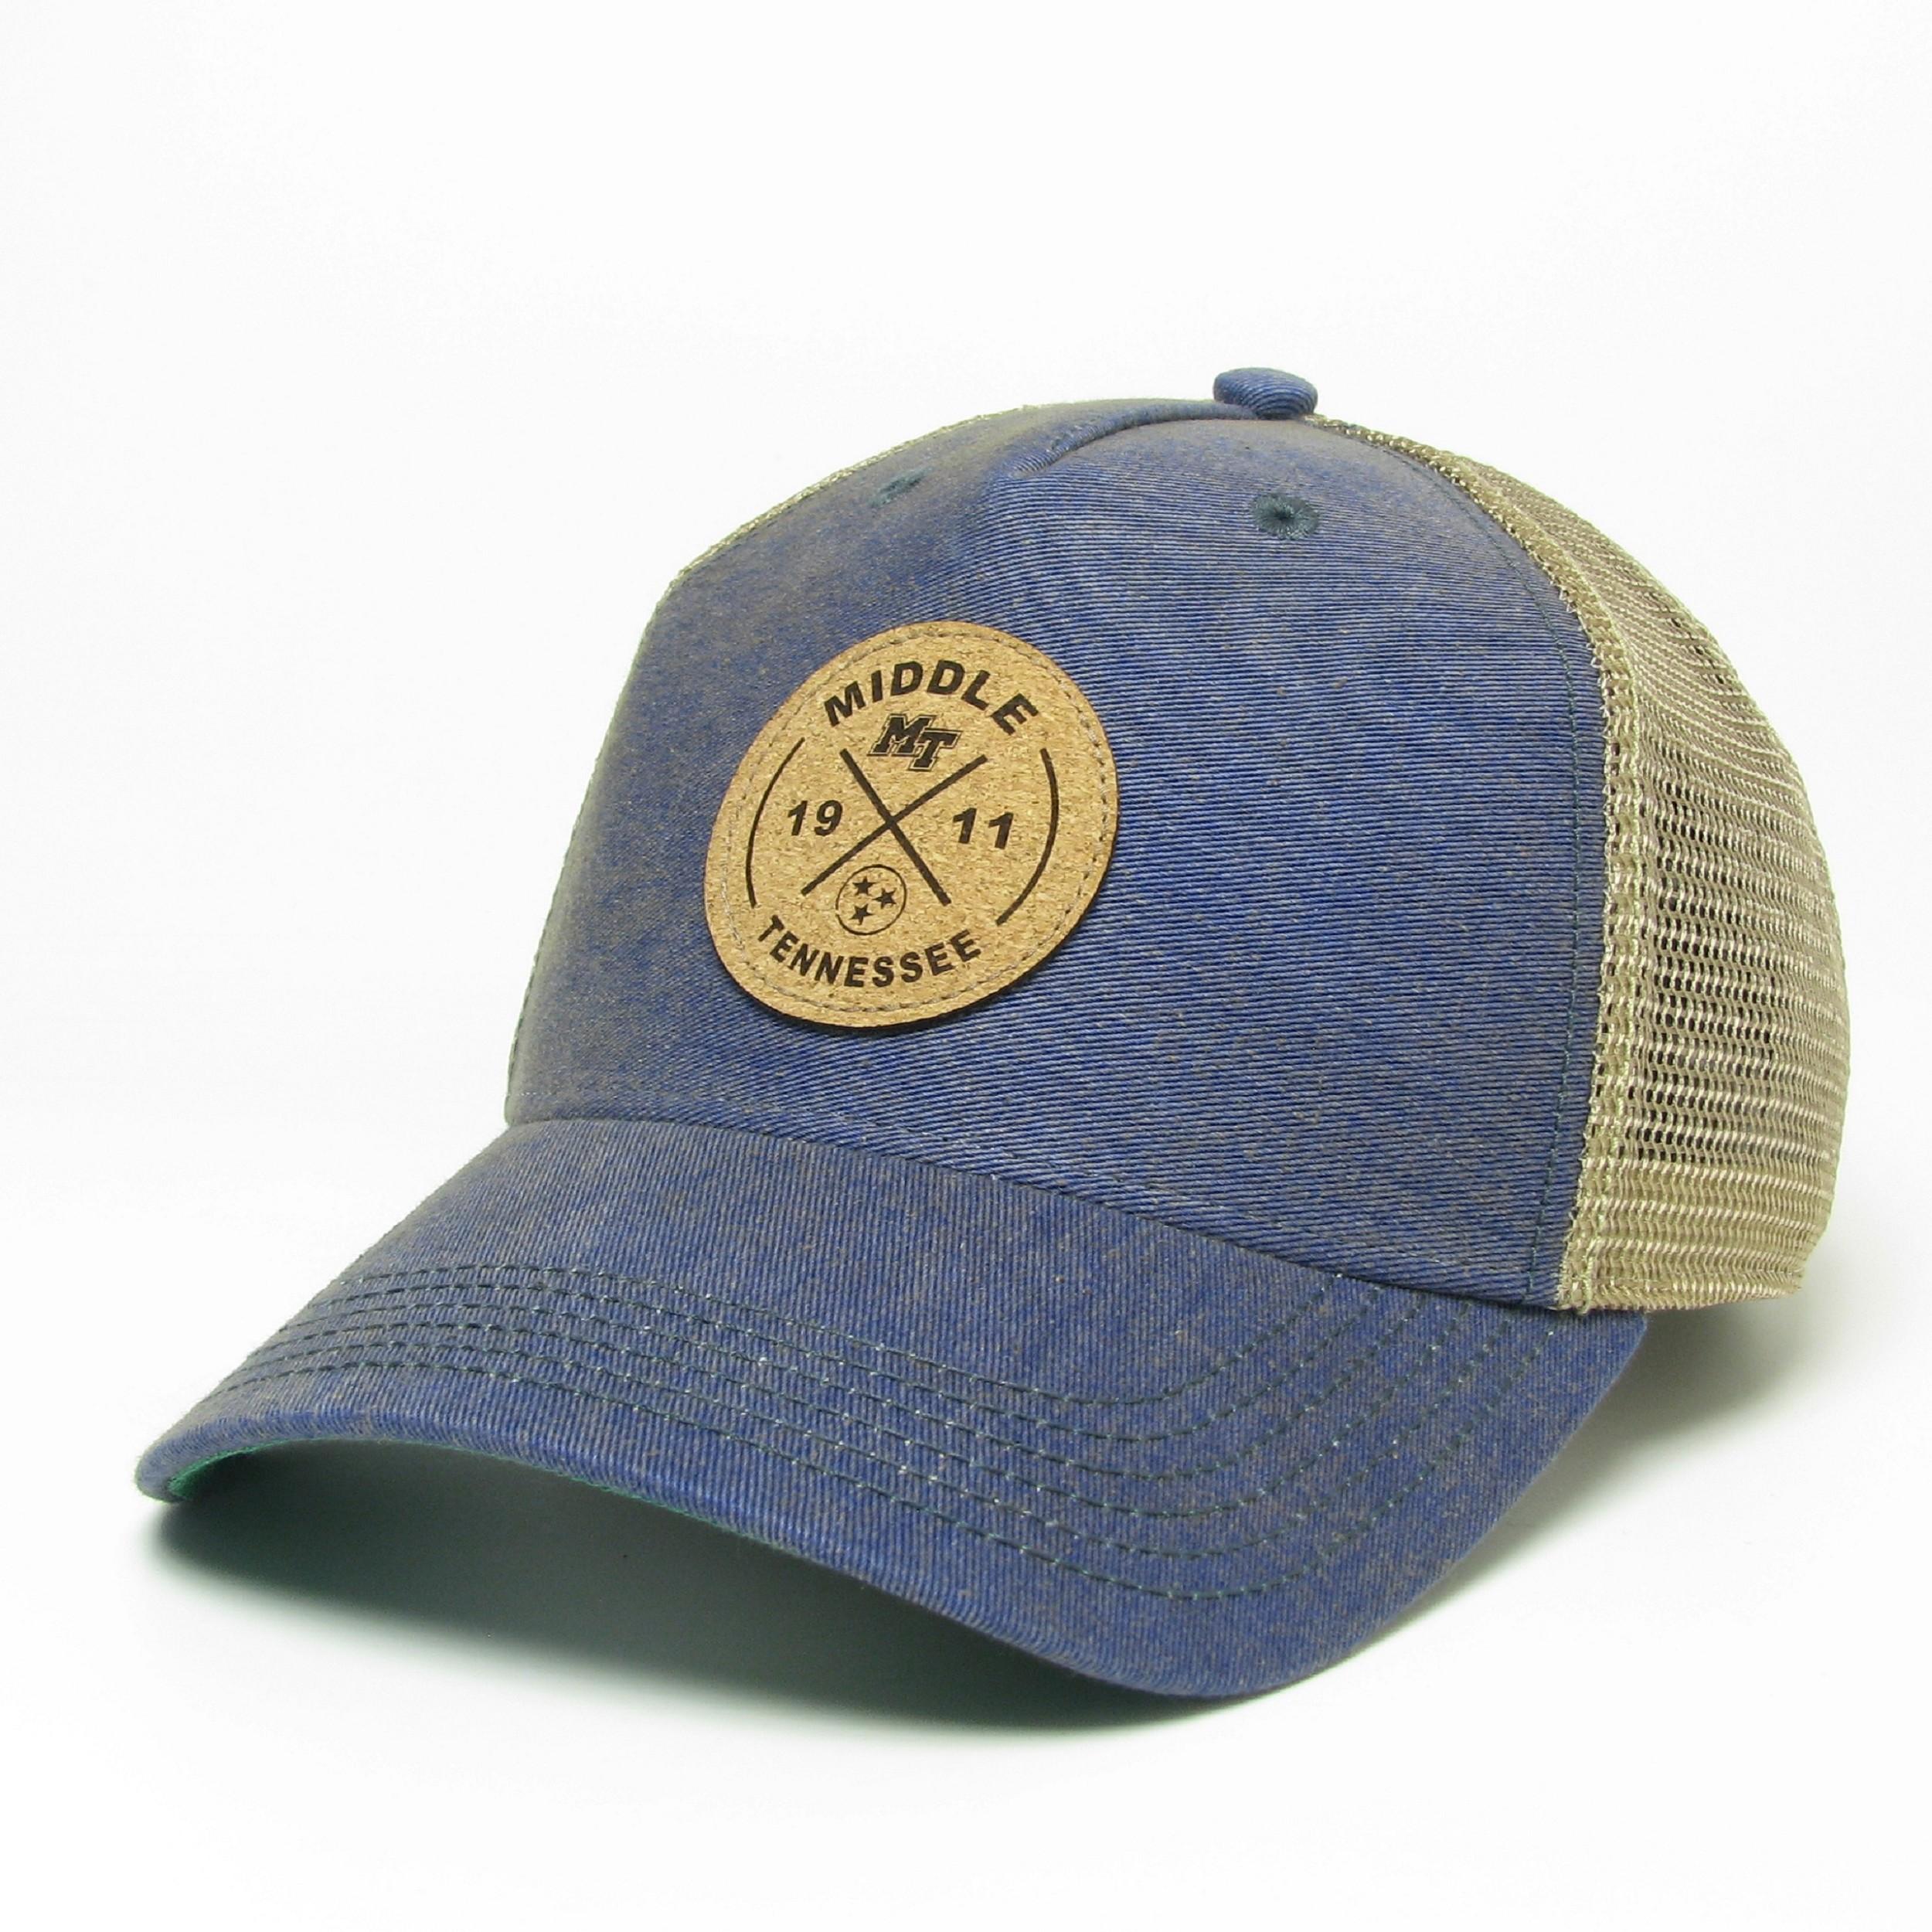 MTSU Circle X Old Favorite Structured Trucker Hat